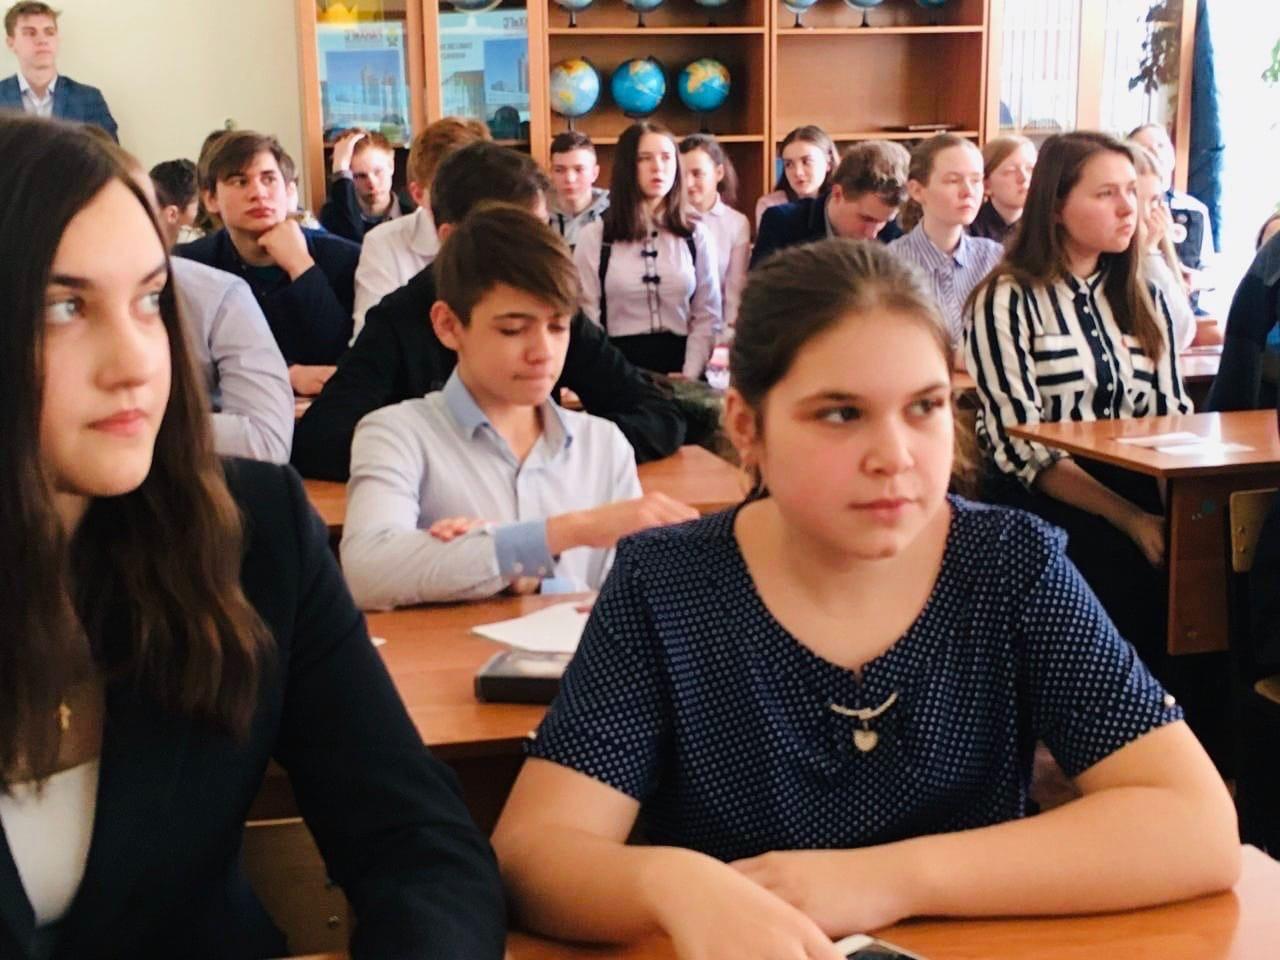 Тамбовский филиал РАНХиГС продолжает серию выездных дней открытых дверей, фото-1